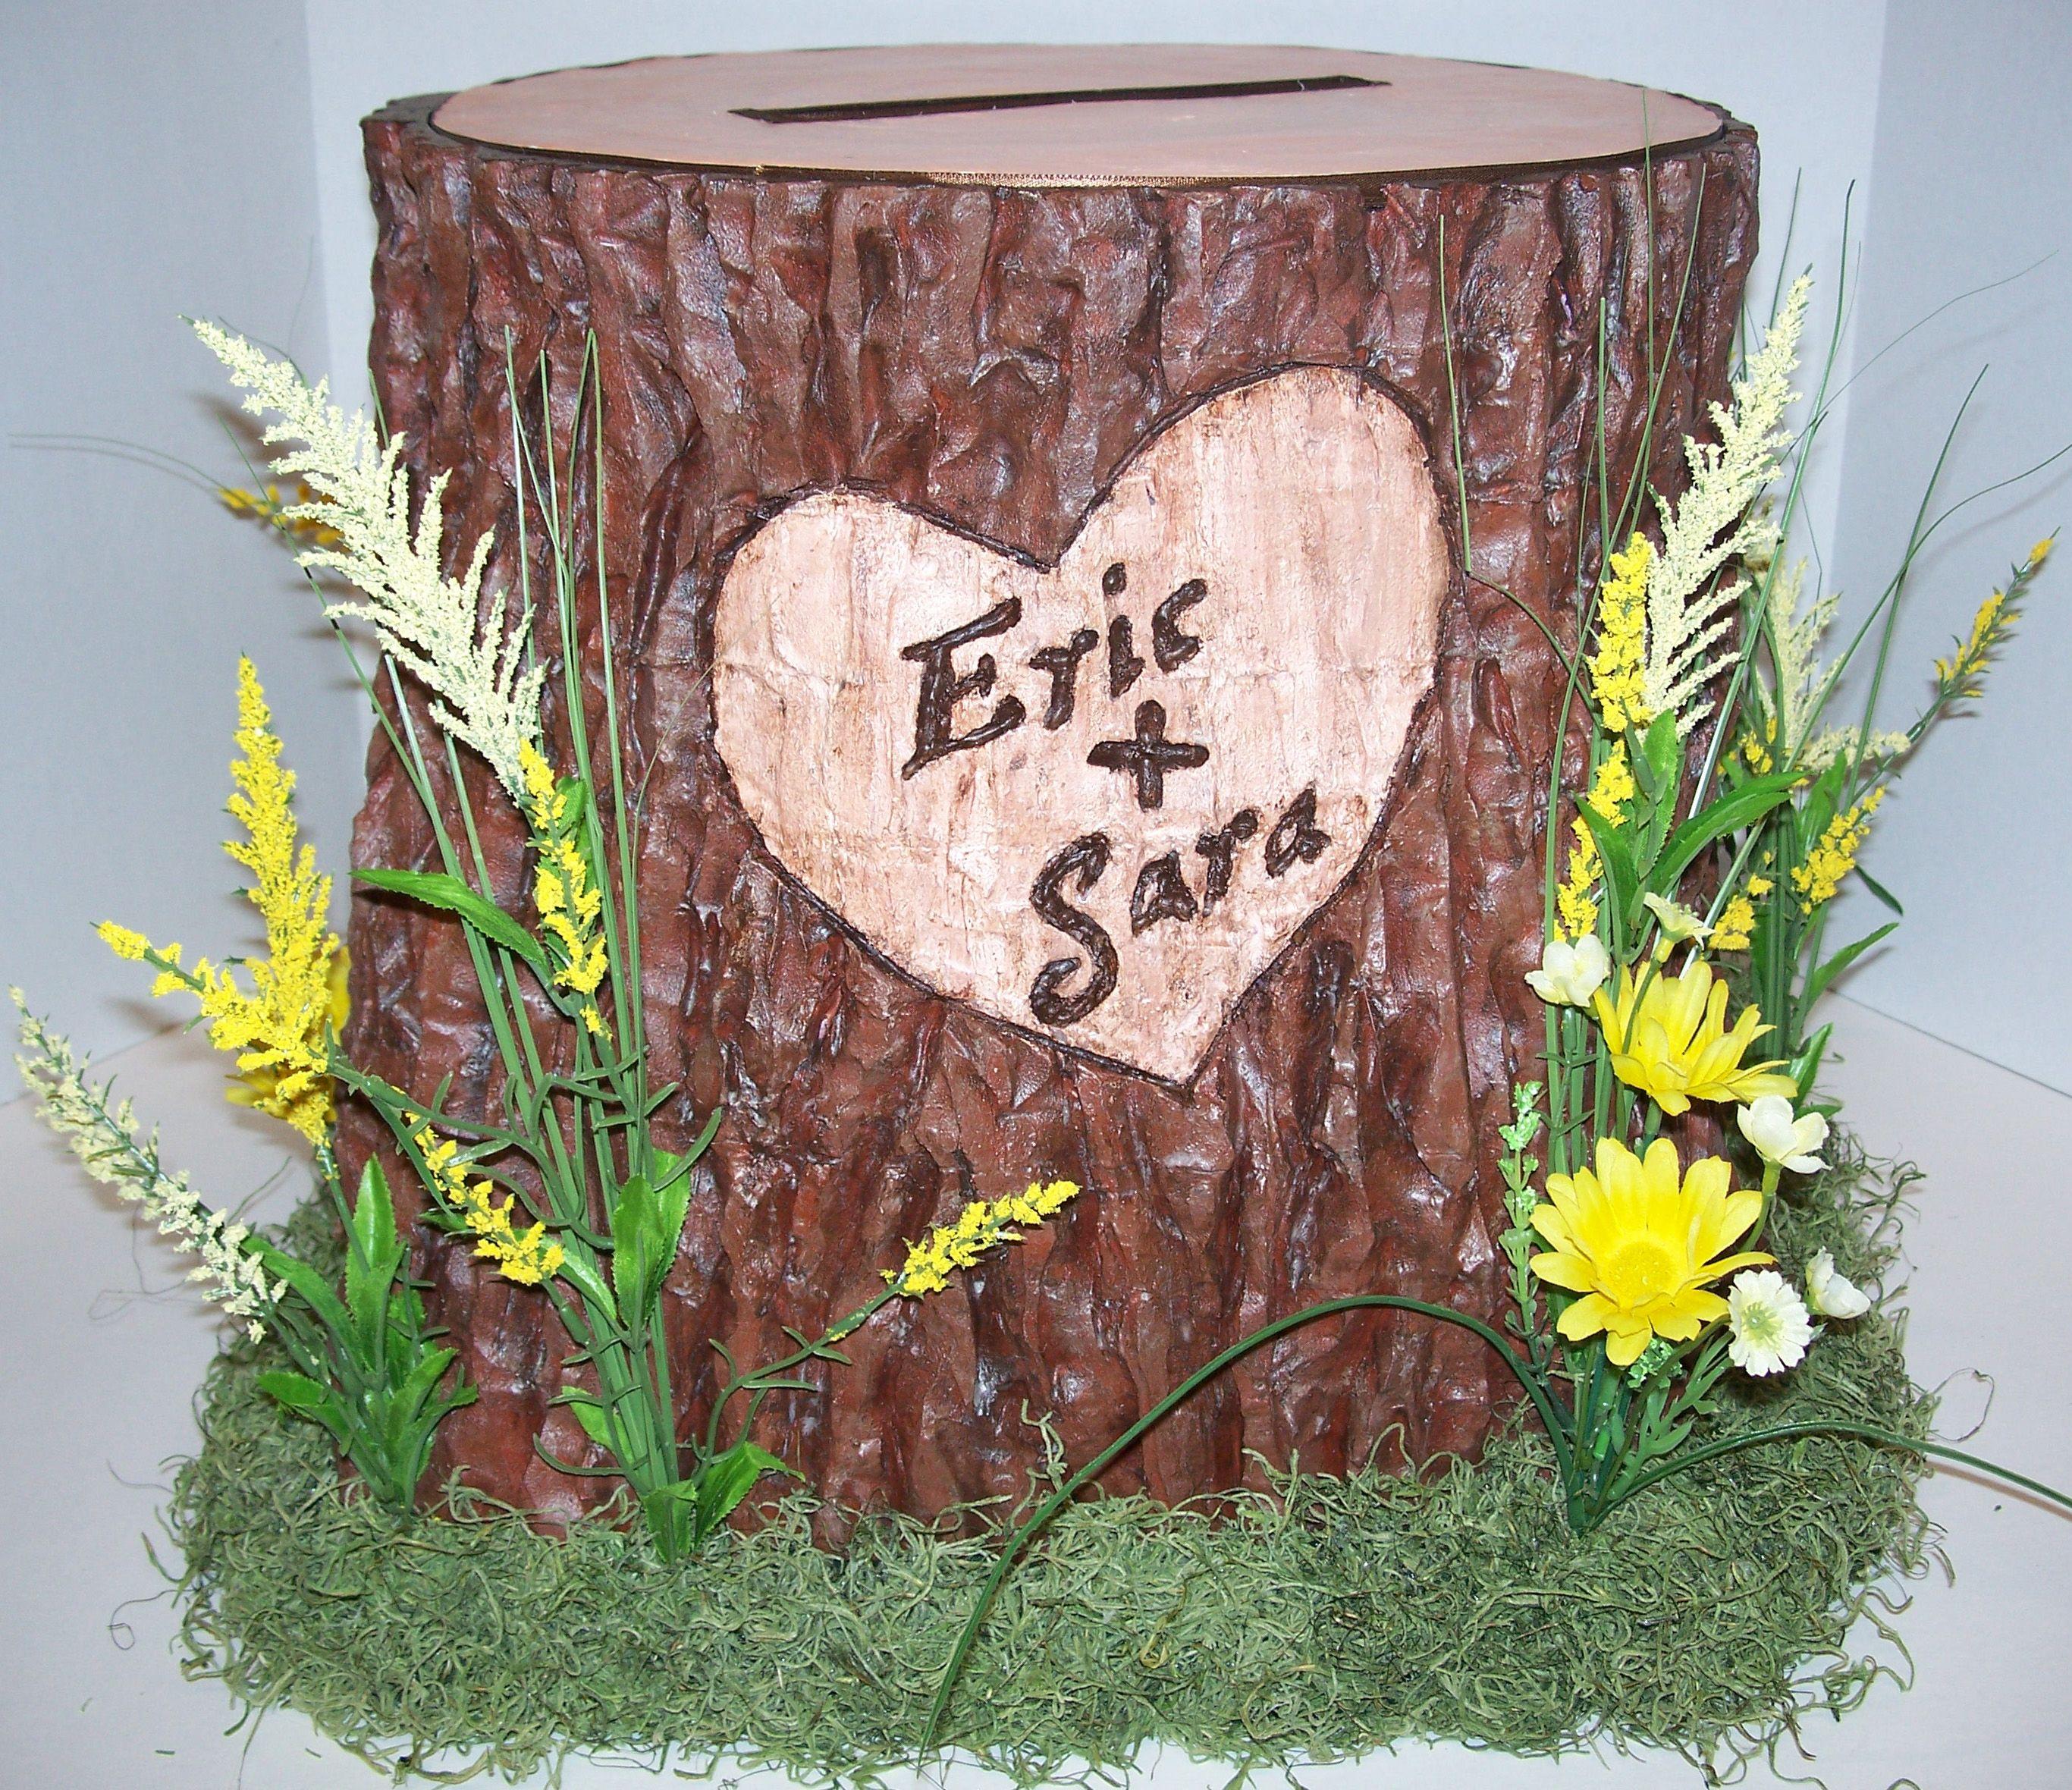 Fall Wedding Card Box Ideas: Tree Stump Card Box Holder For Wedding Reception